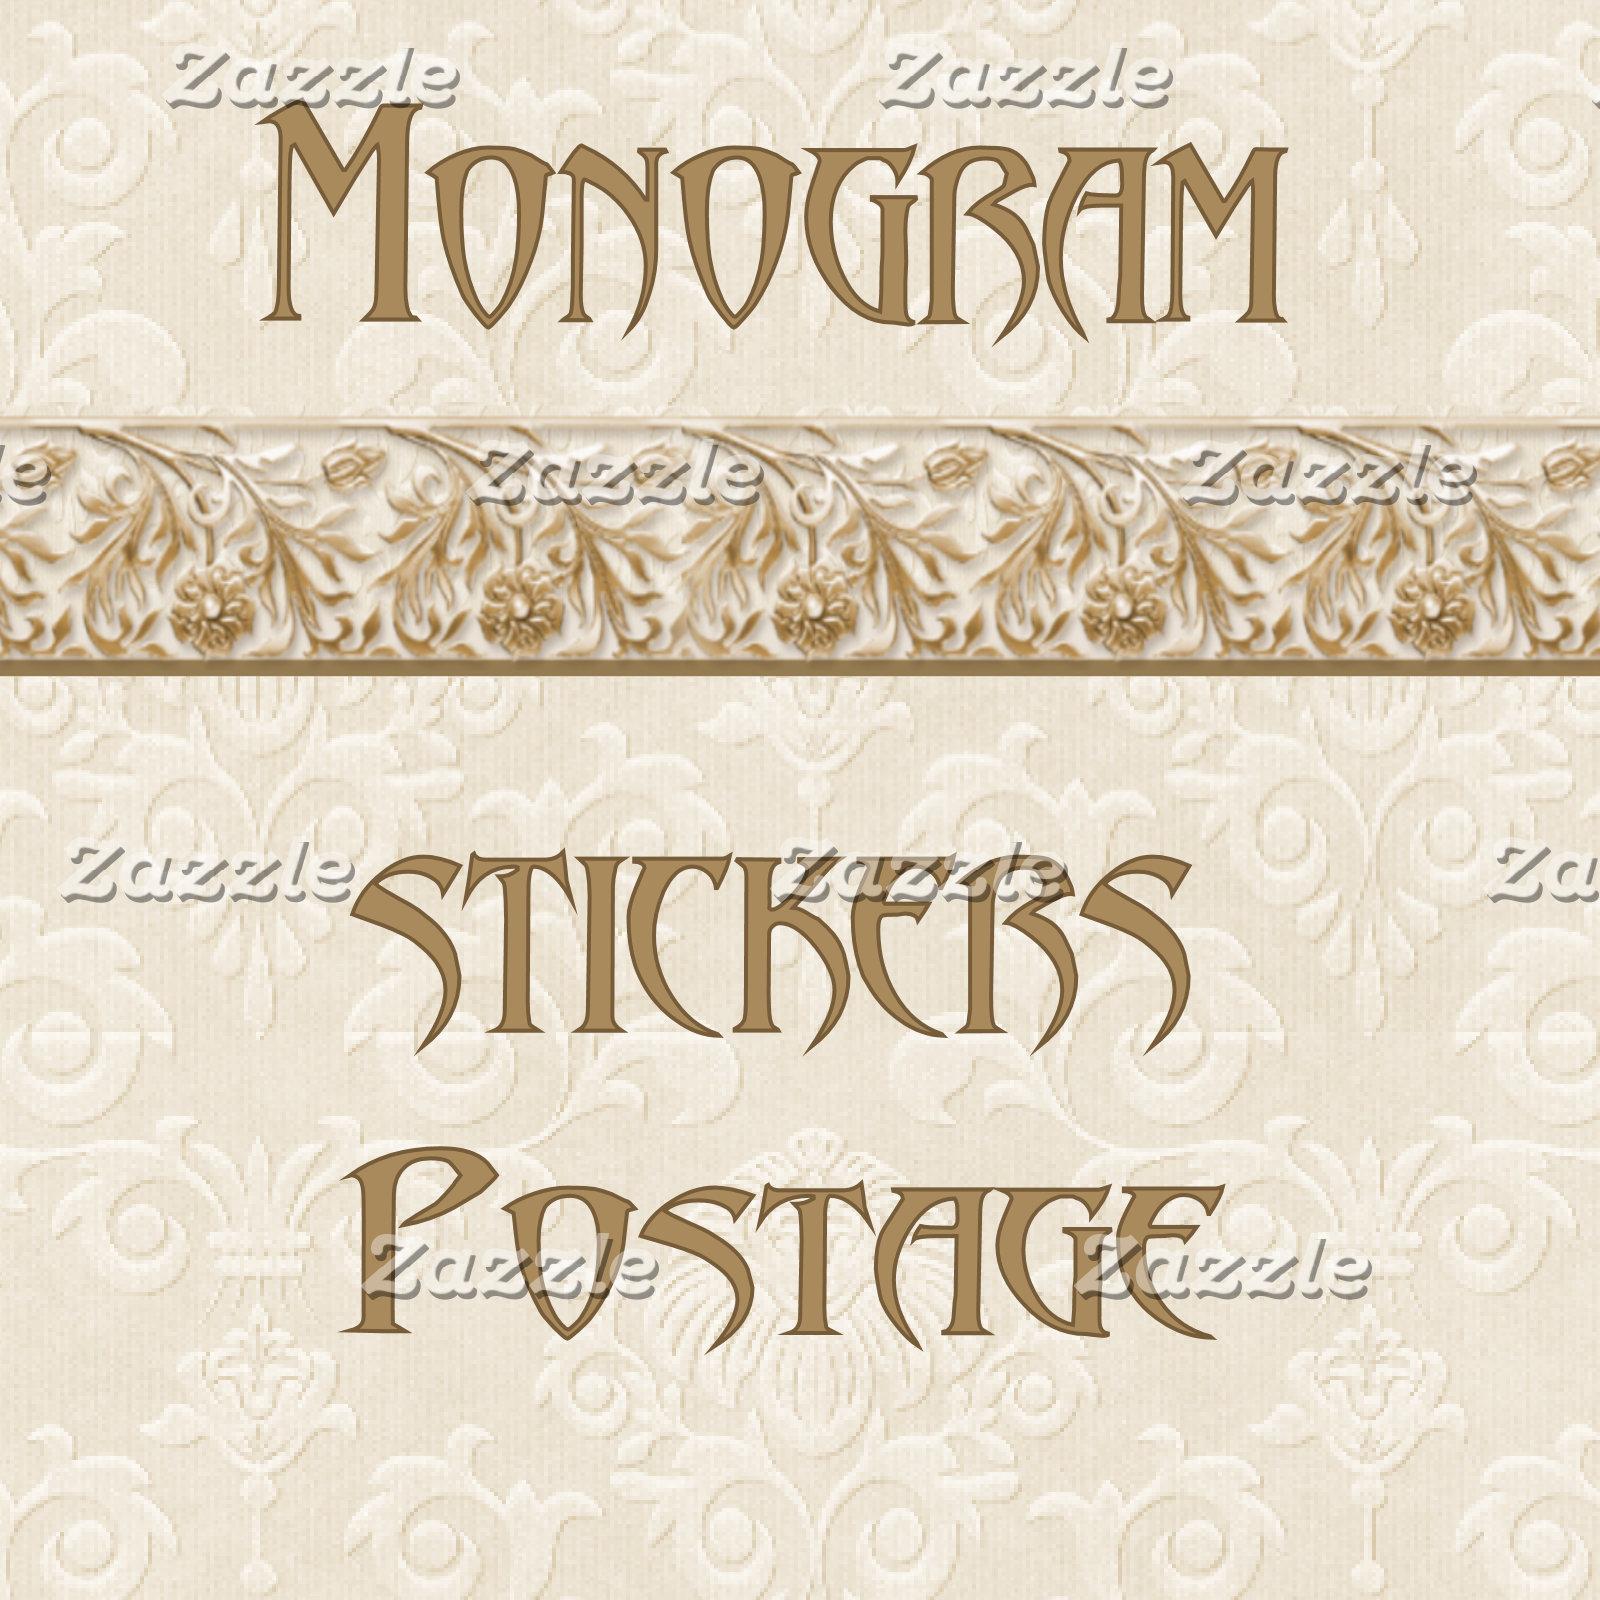 3. MONOGRAM - Stickers-Postage